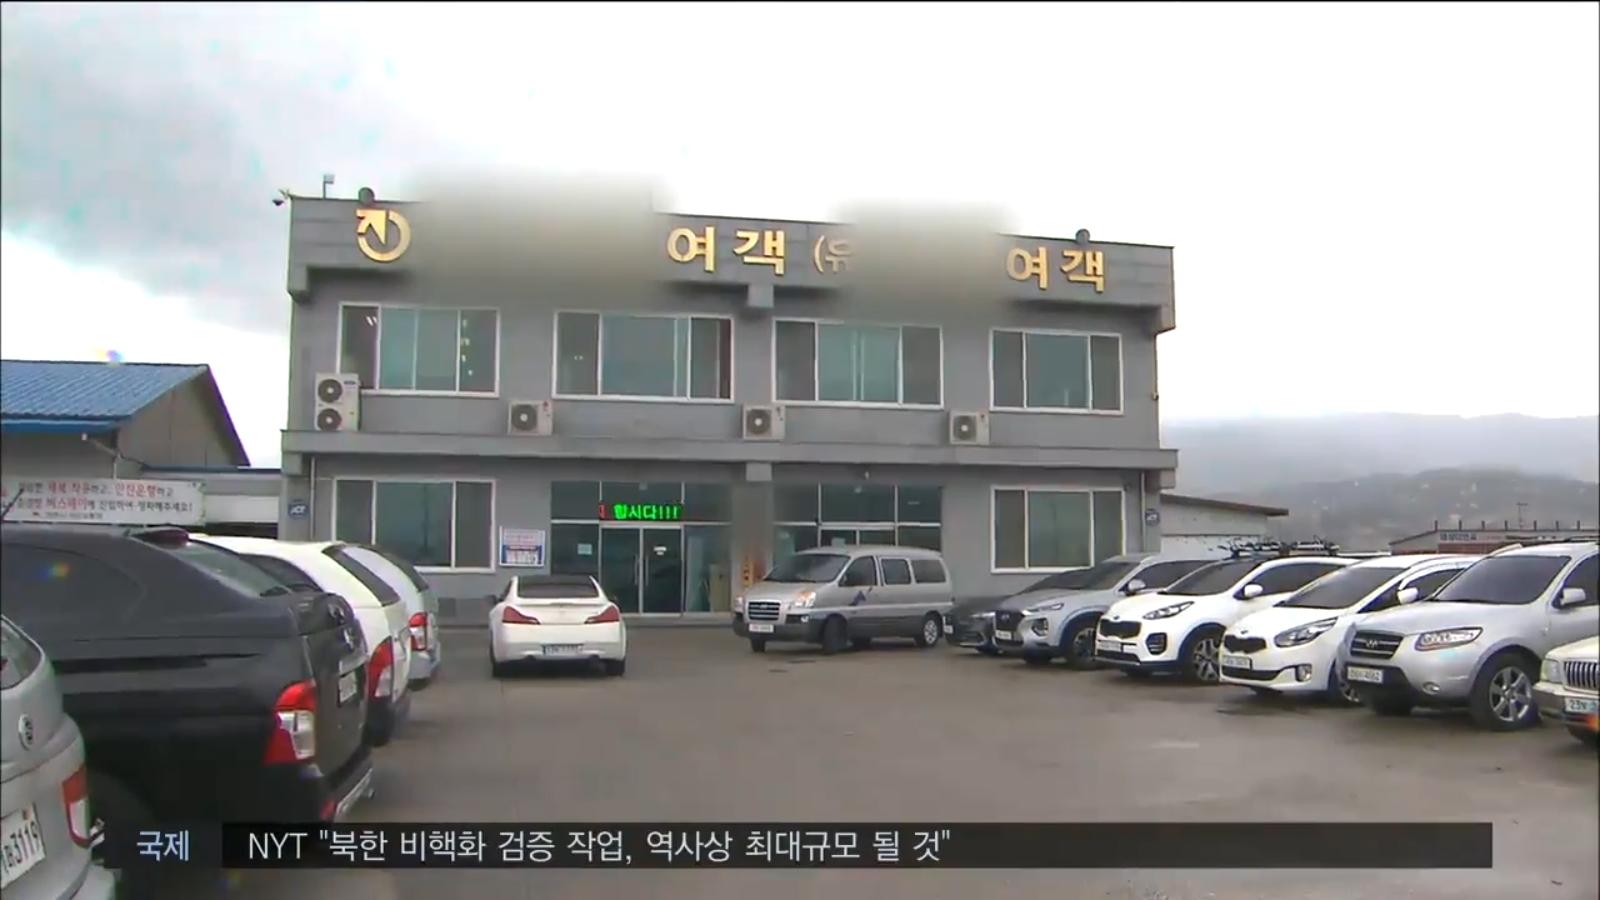 [18.5.7 MBC전주] 전주시내버스 부도덕한 경영 확인돼, 전주시 책임은2.jpg